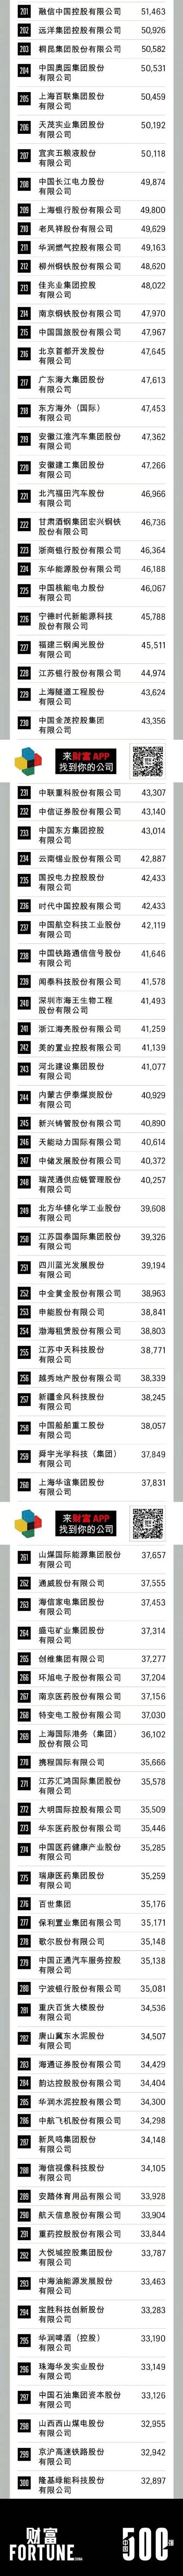 2020中国500强:石化基建行业霸榜,最赚钱10家公司总利润1.7万亿